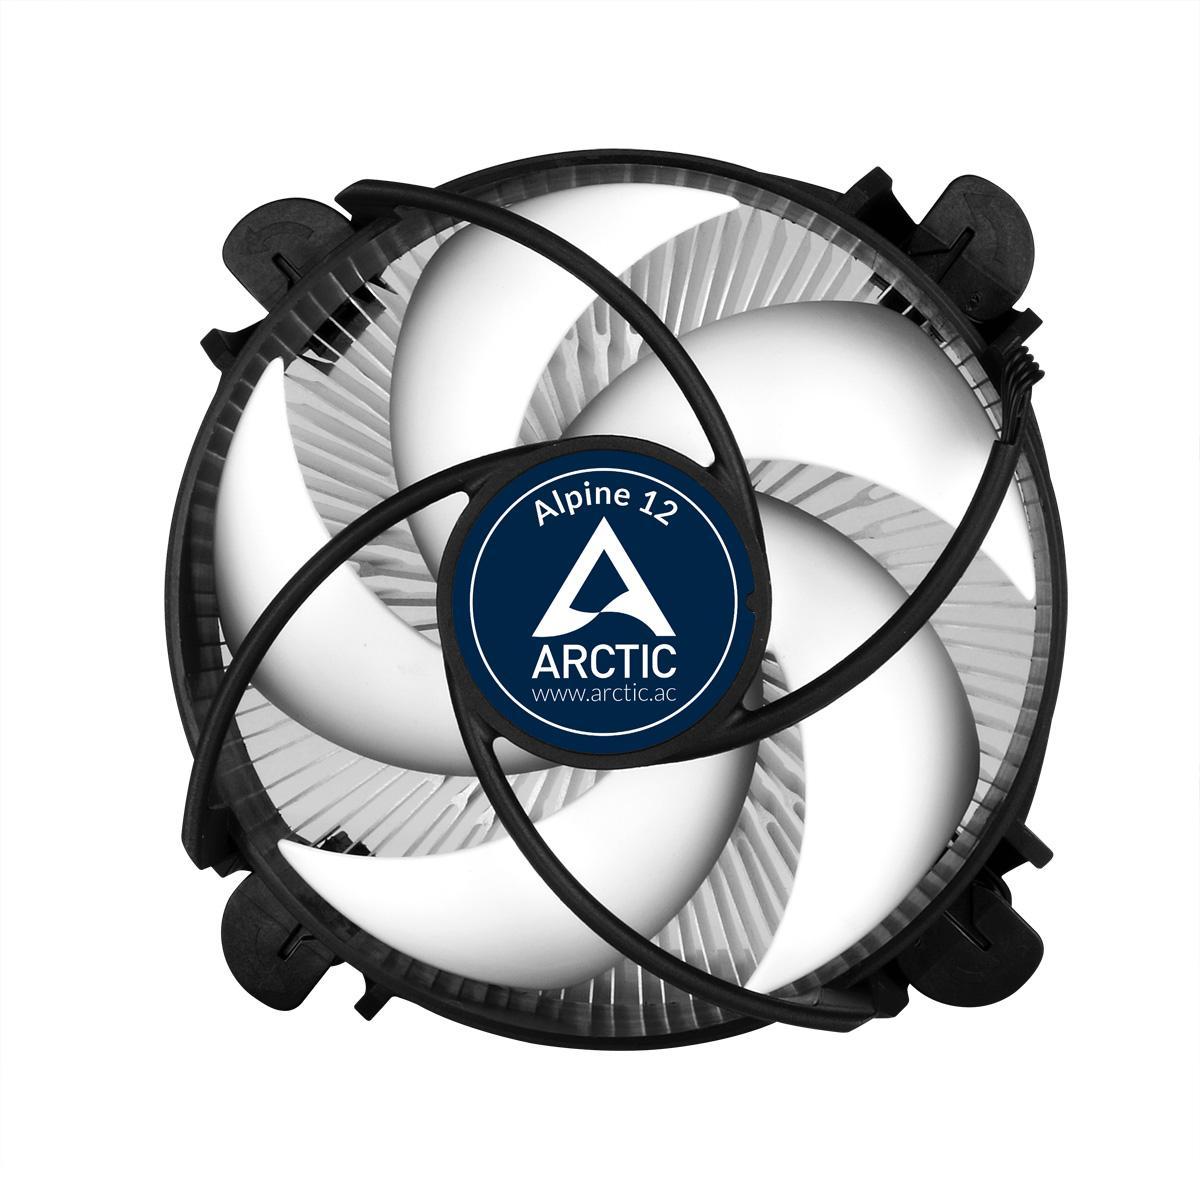 Охладител за процесор Arctic Alpine 12, 1151/1150/1155/1156/2066/2011(-3)/1366/775-2